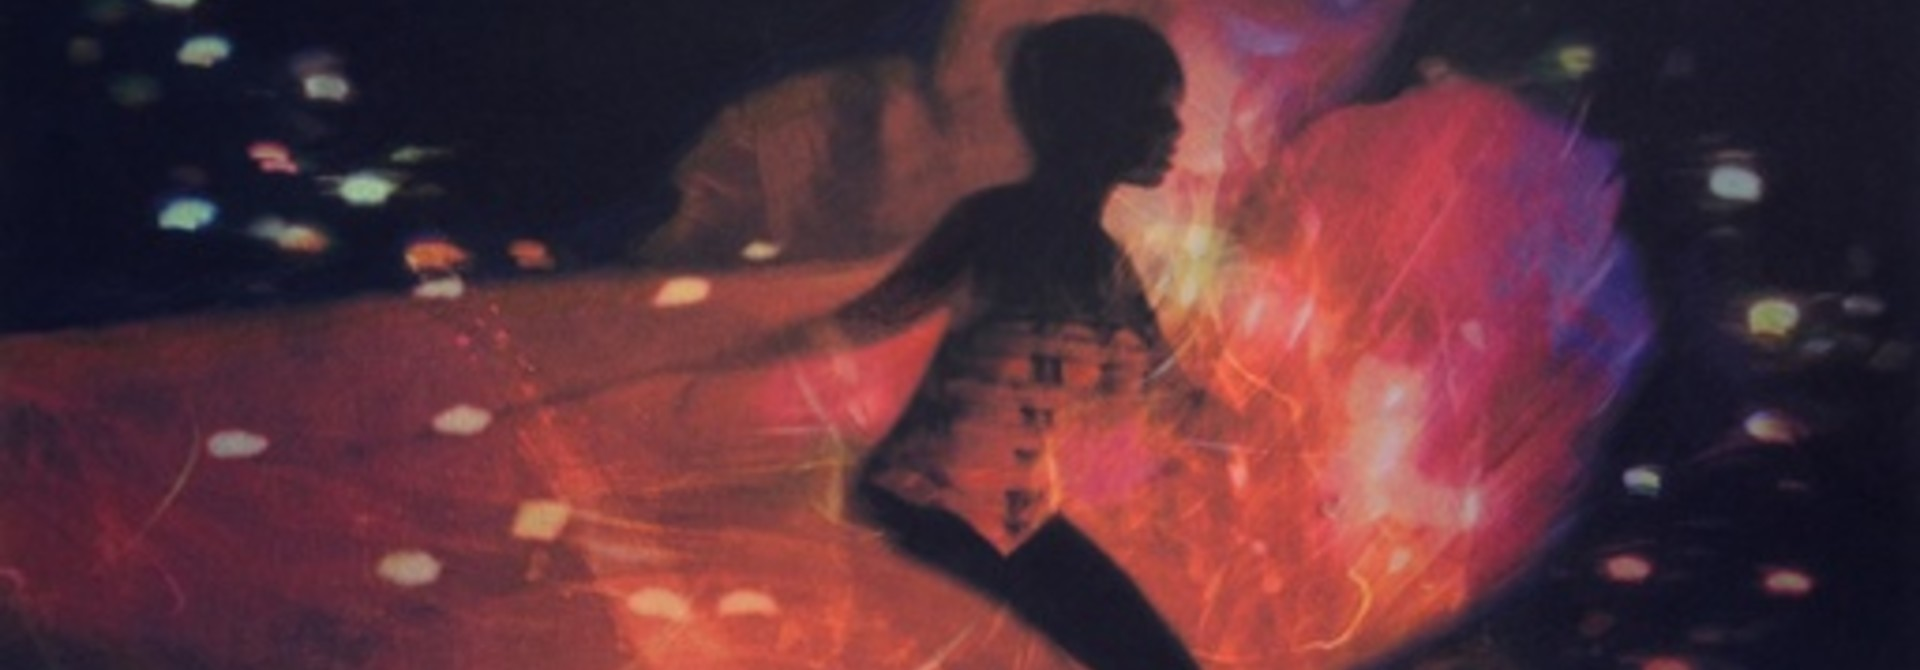 Light Dancer #2